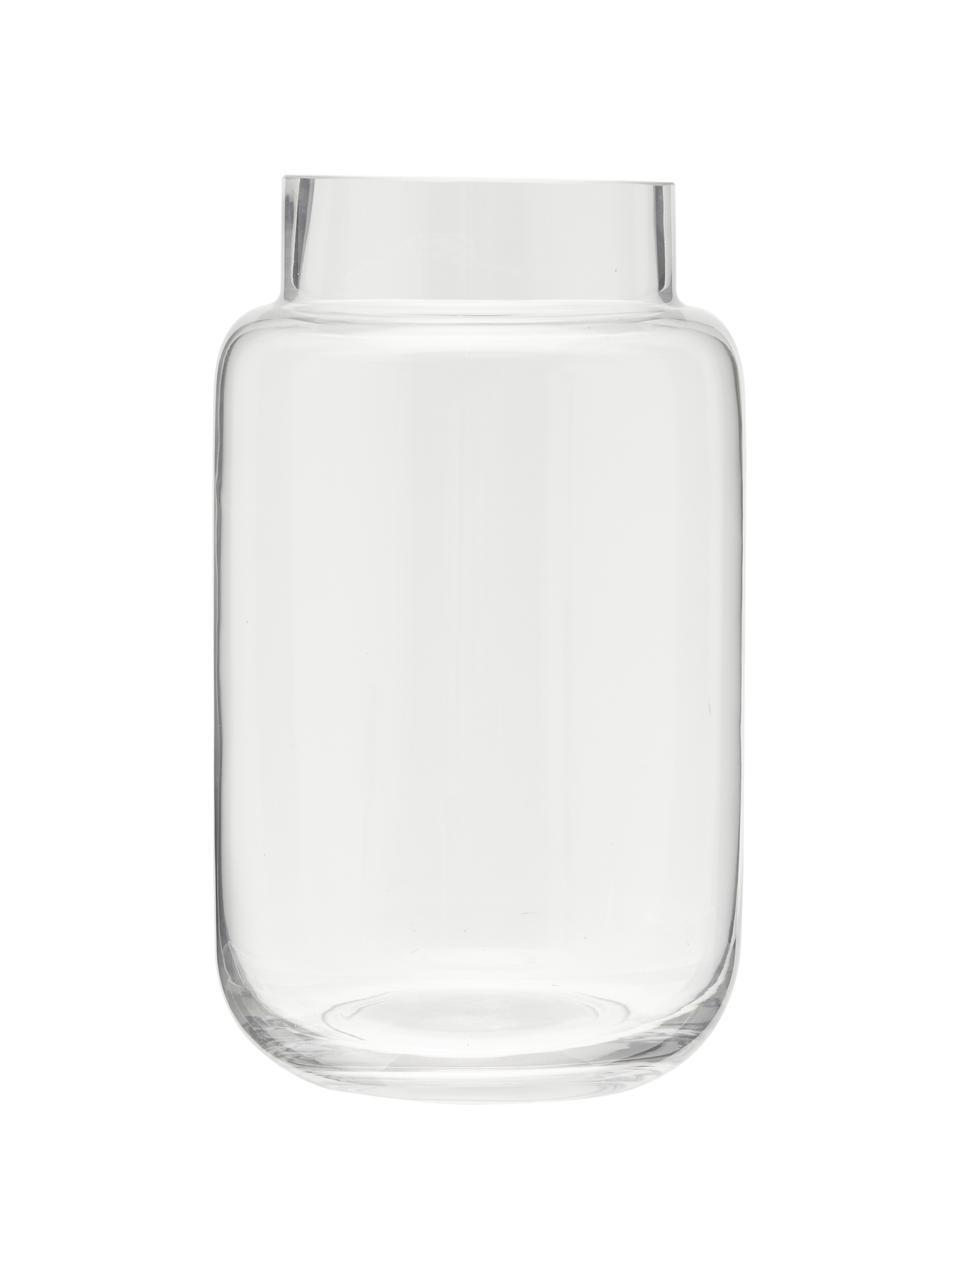 Vaso grande in vetro Lasse, Vetro, Trasparente, Ø 13 x Alt. 22 cm